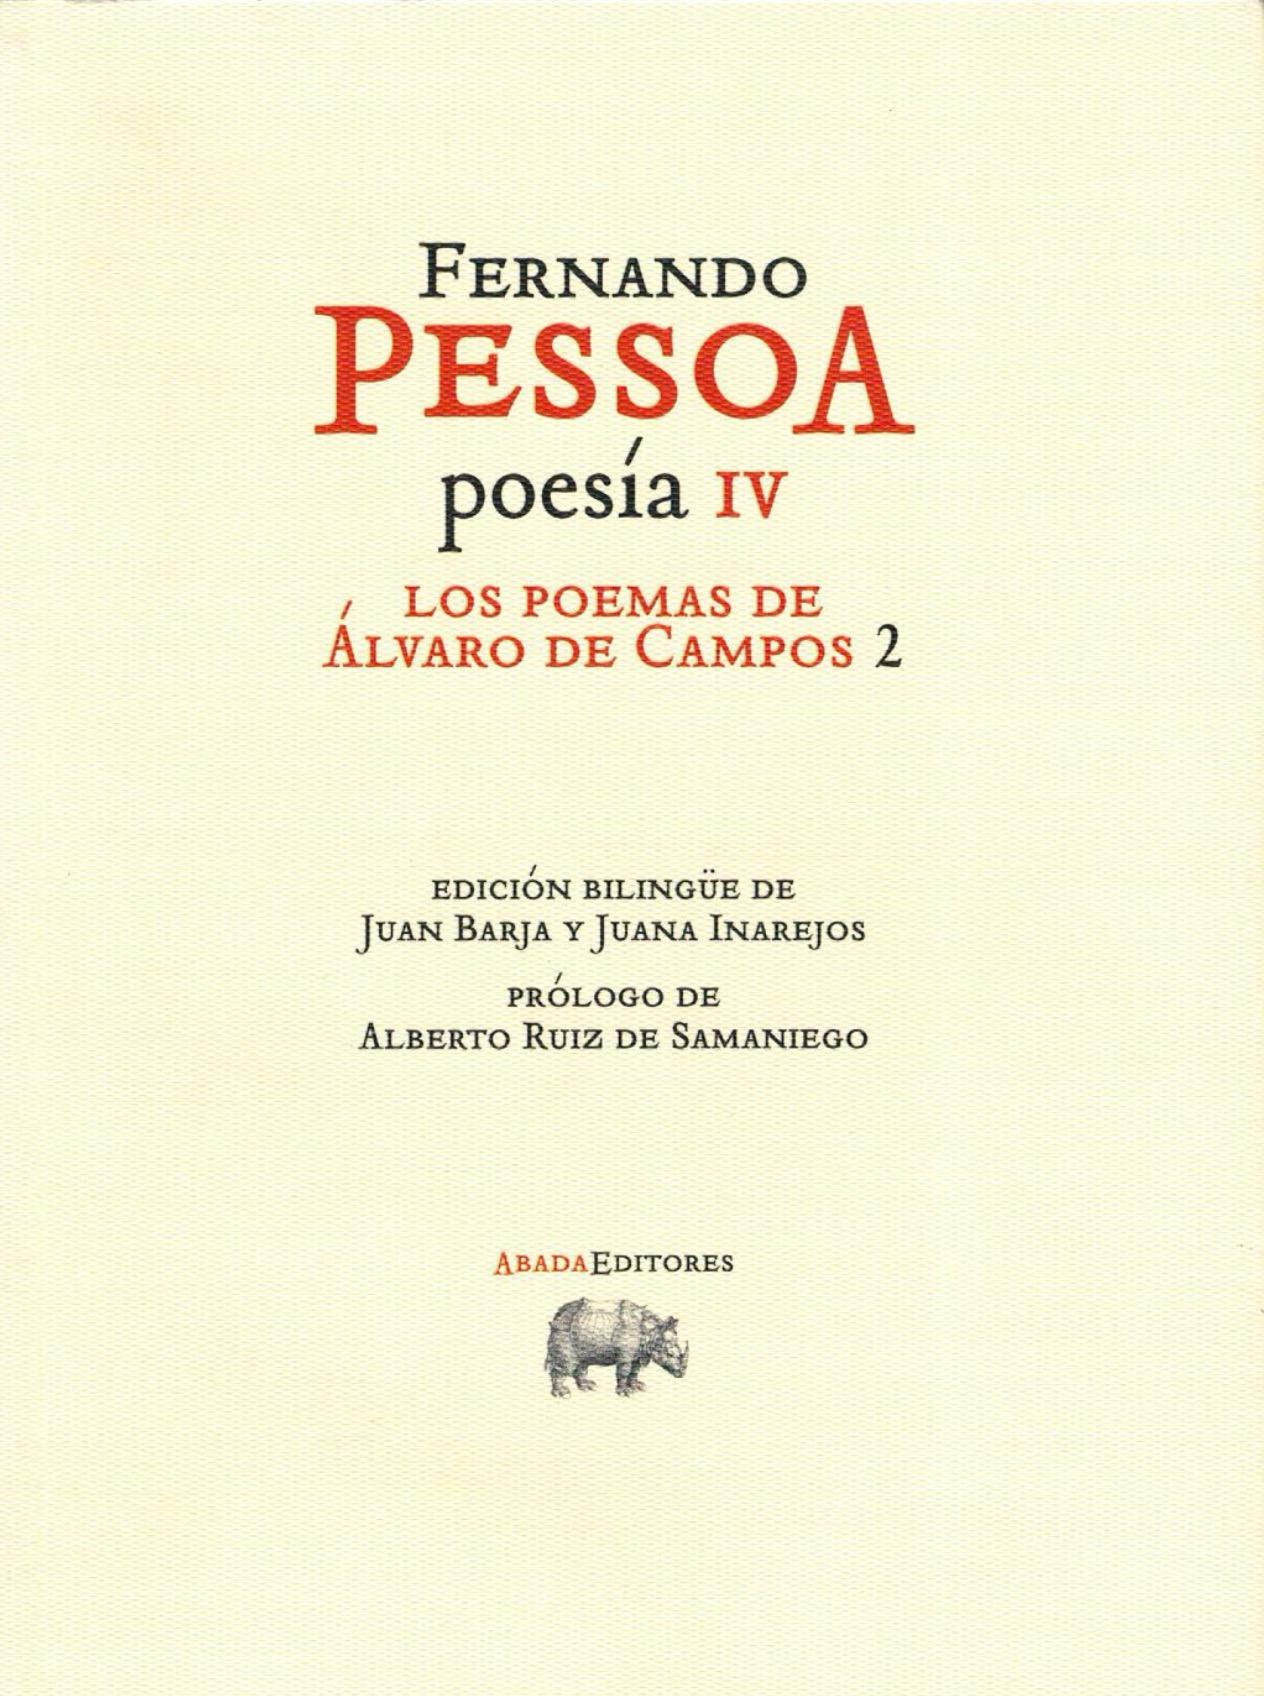 Los poemas de Álvaro de Campos 2 - Fernando Pessoa pdf